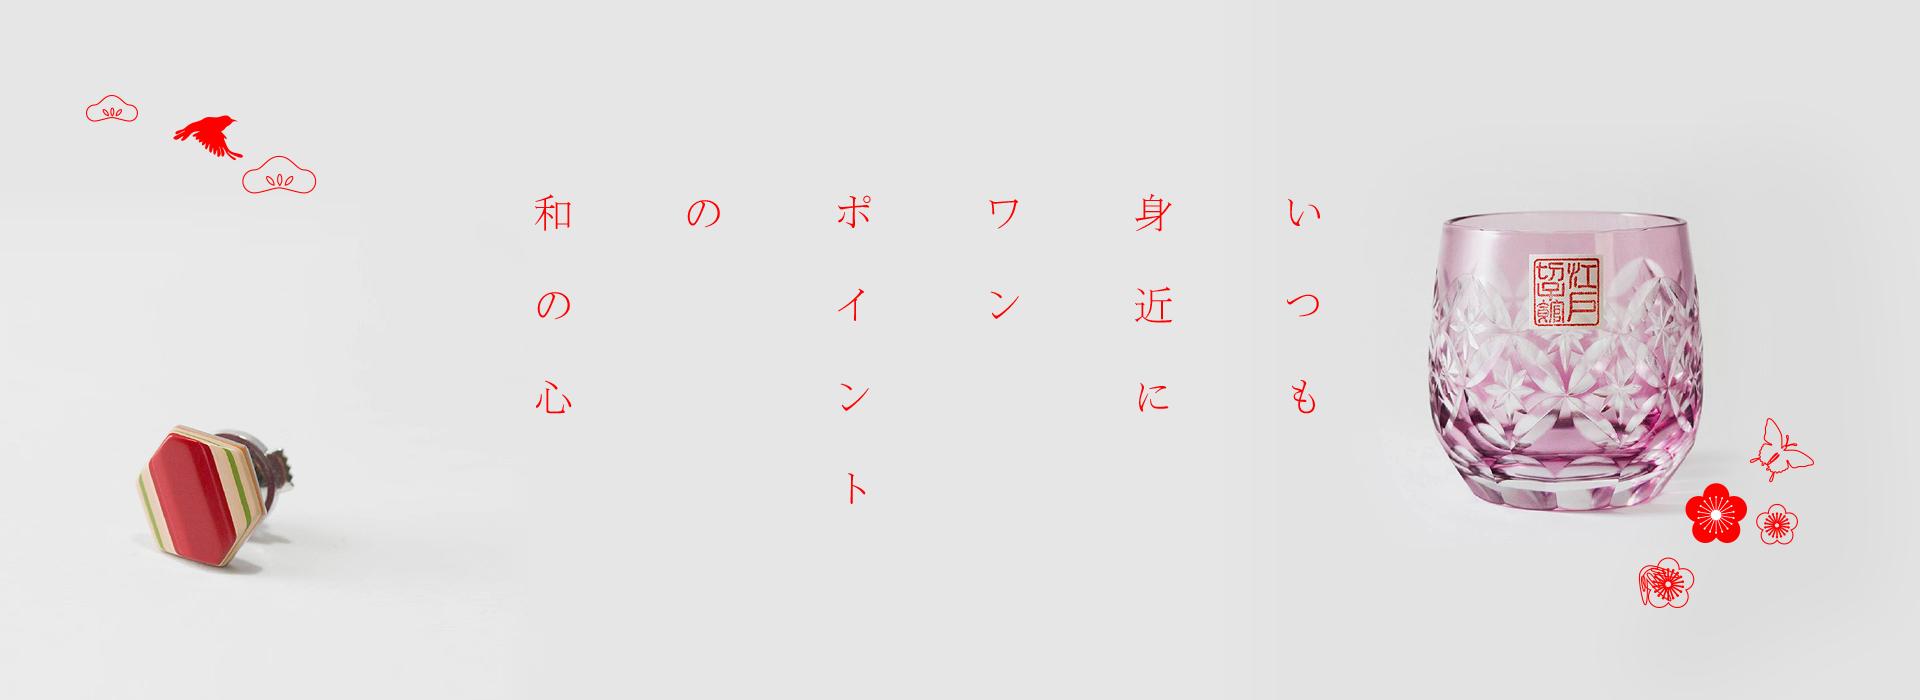 売れ筋 人気ギフト 人気プレゼント ランキング 内祝い 引き出物 ノベルティ クールジャパン 海外ギフト お土産 壱ポイント ICHIPOINT JAPANESE TRADITIONAL gift present